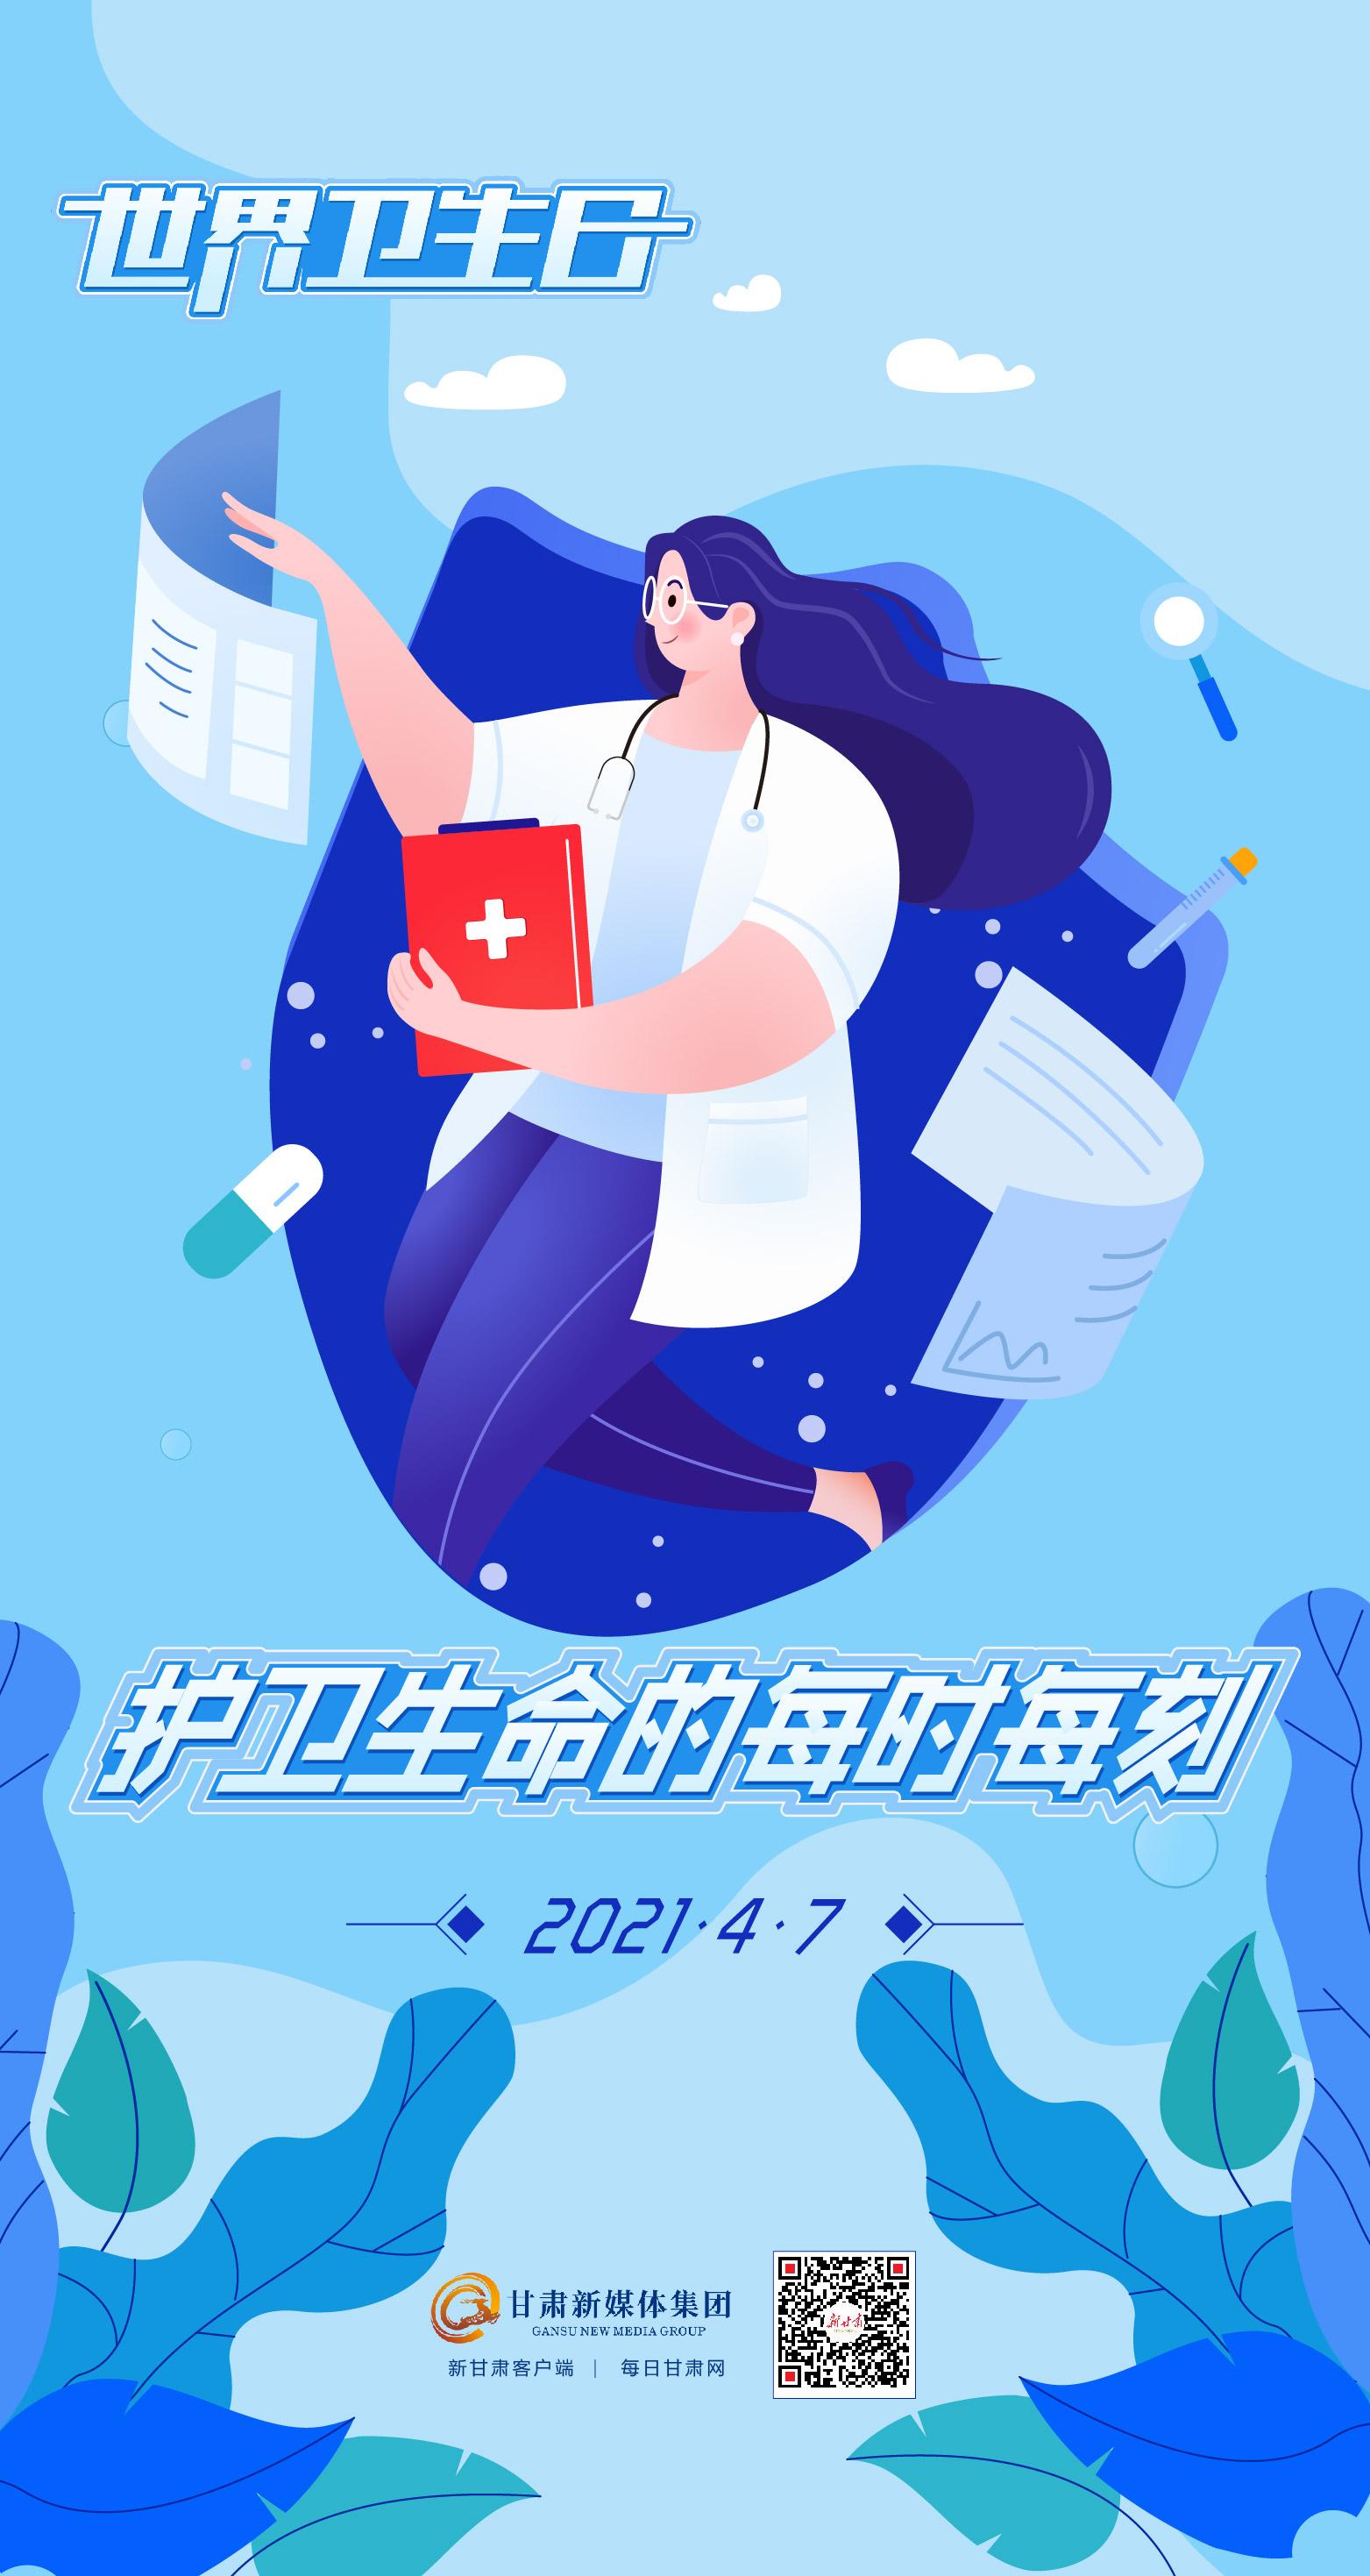 海报丨世界卫生日 护卫生命的每时每刻